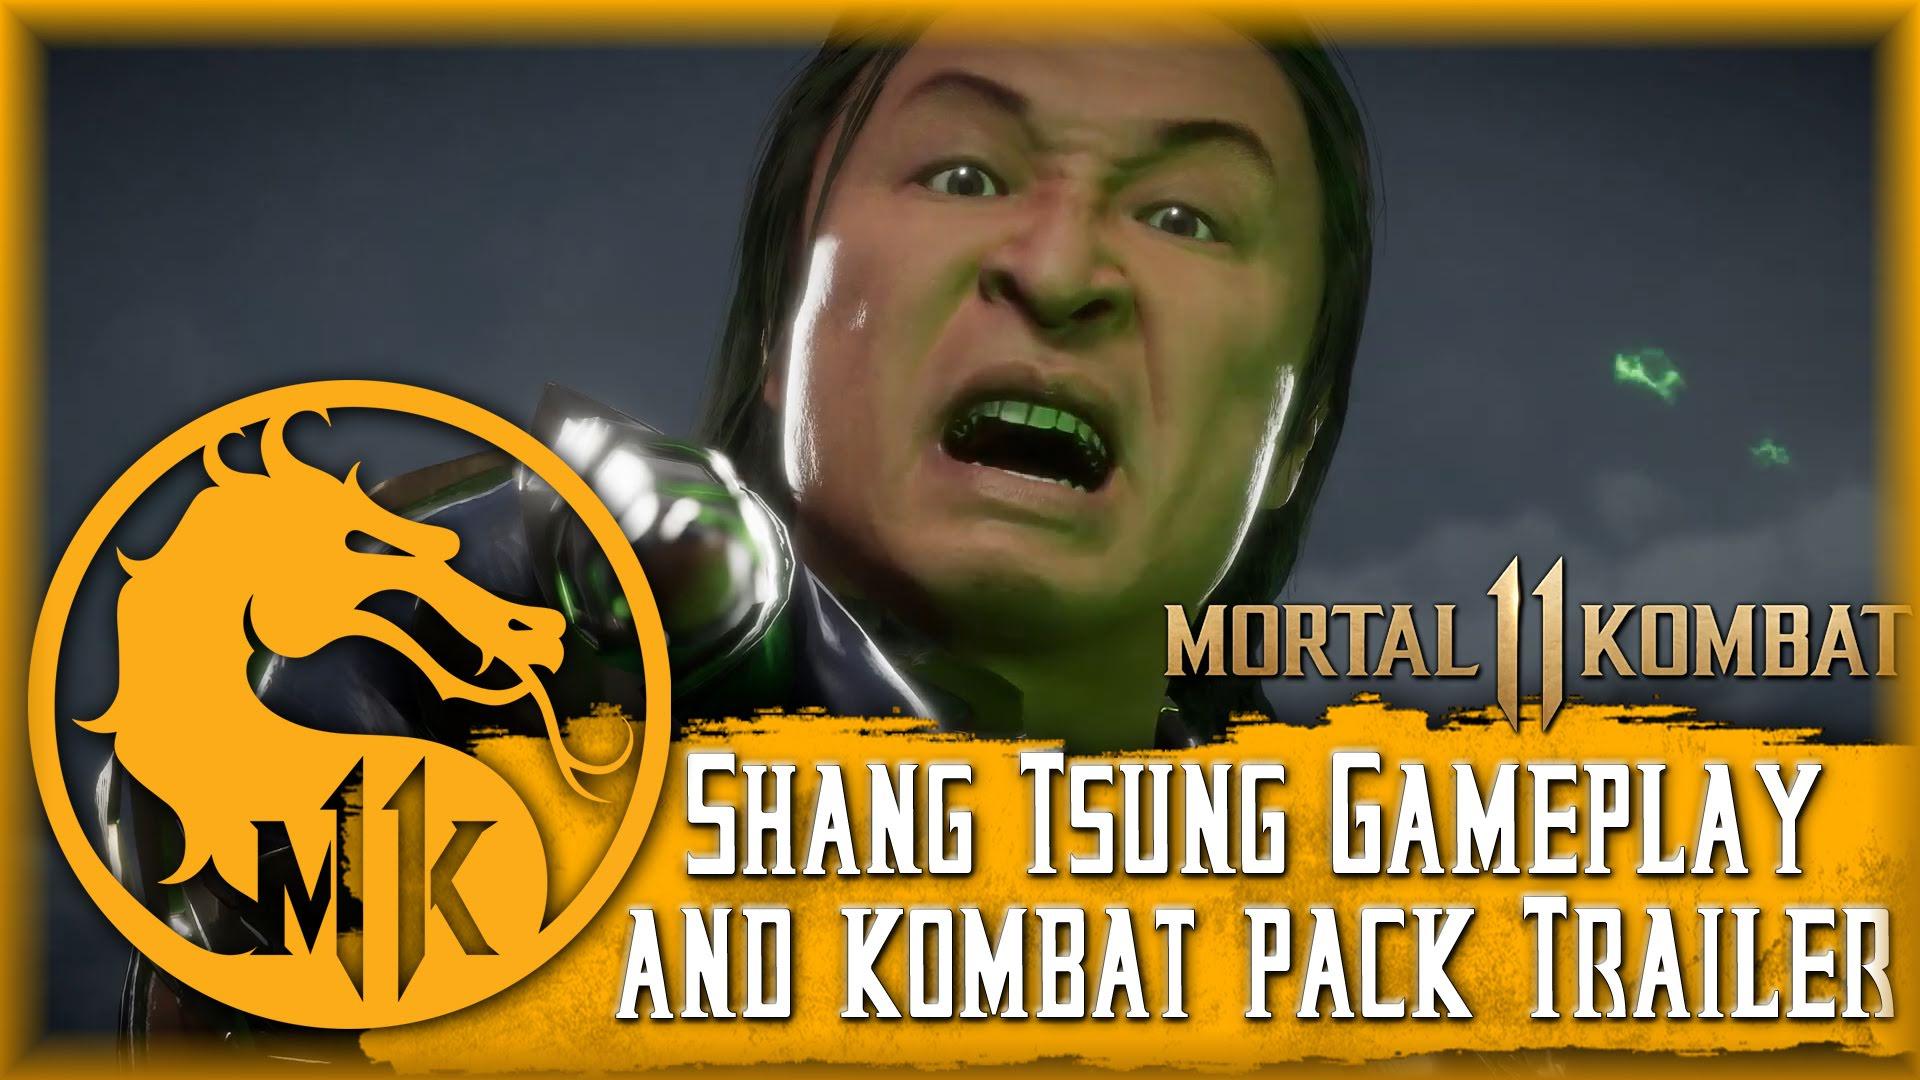 Mortal Kombat Shang Tsung & Kombat Pack Gameplay Trailer